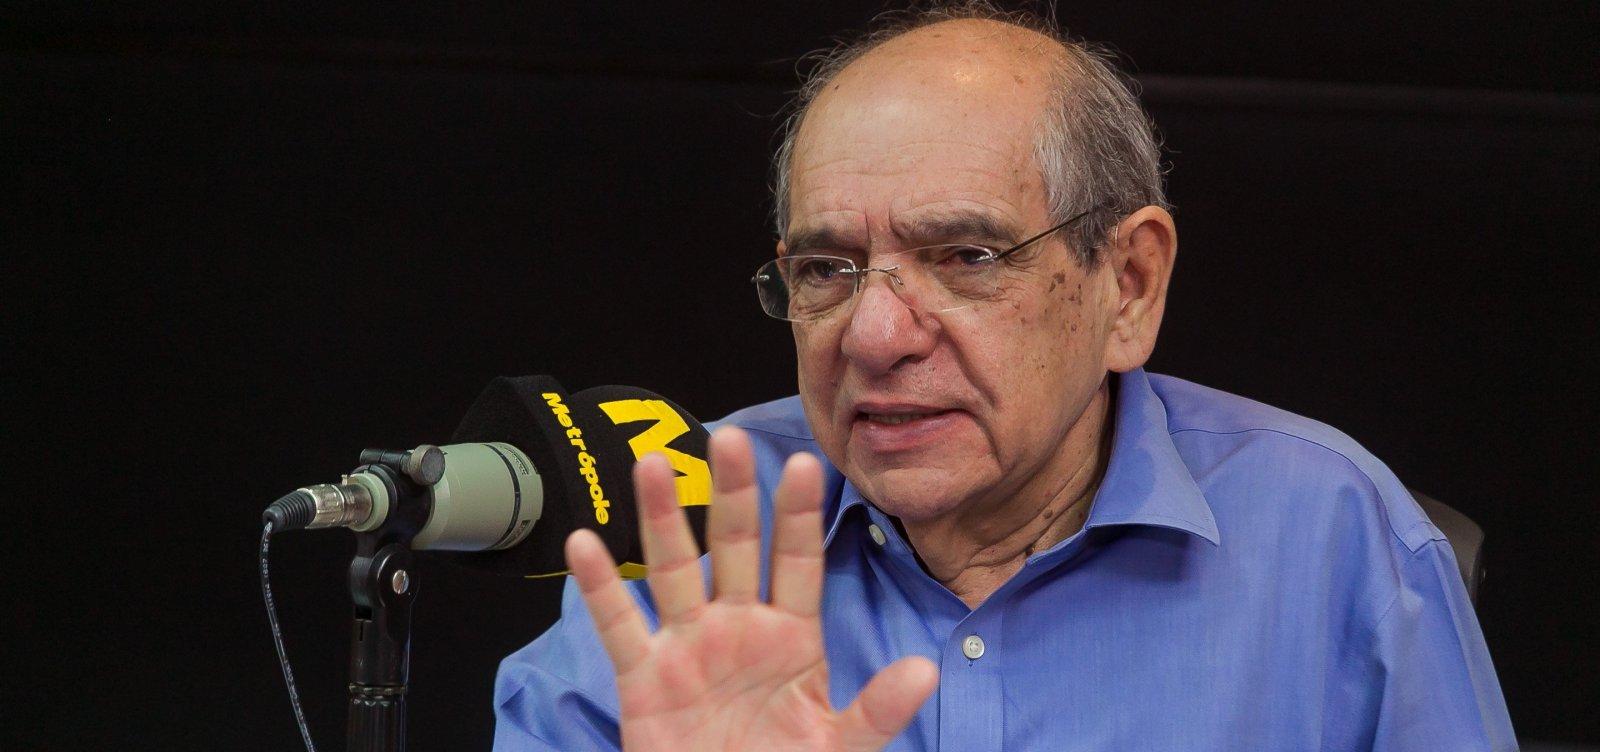 MK critica 'radicalismo' do PT e diz que sigla deve buscar alternativas para 2020; ouça